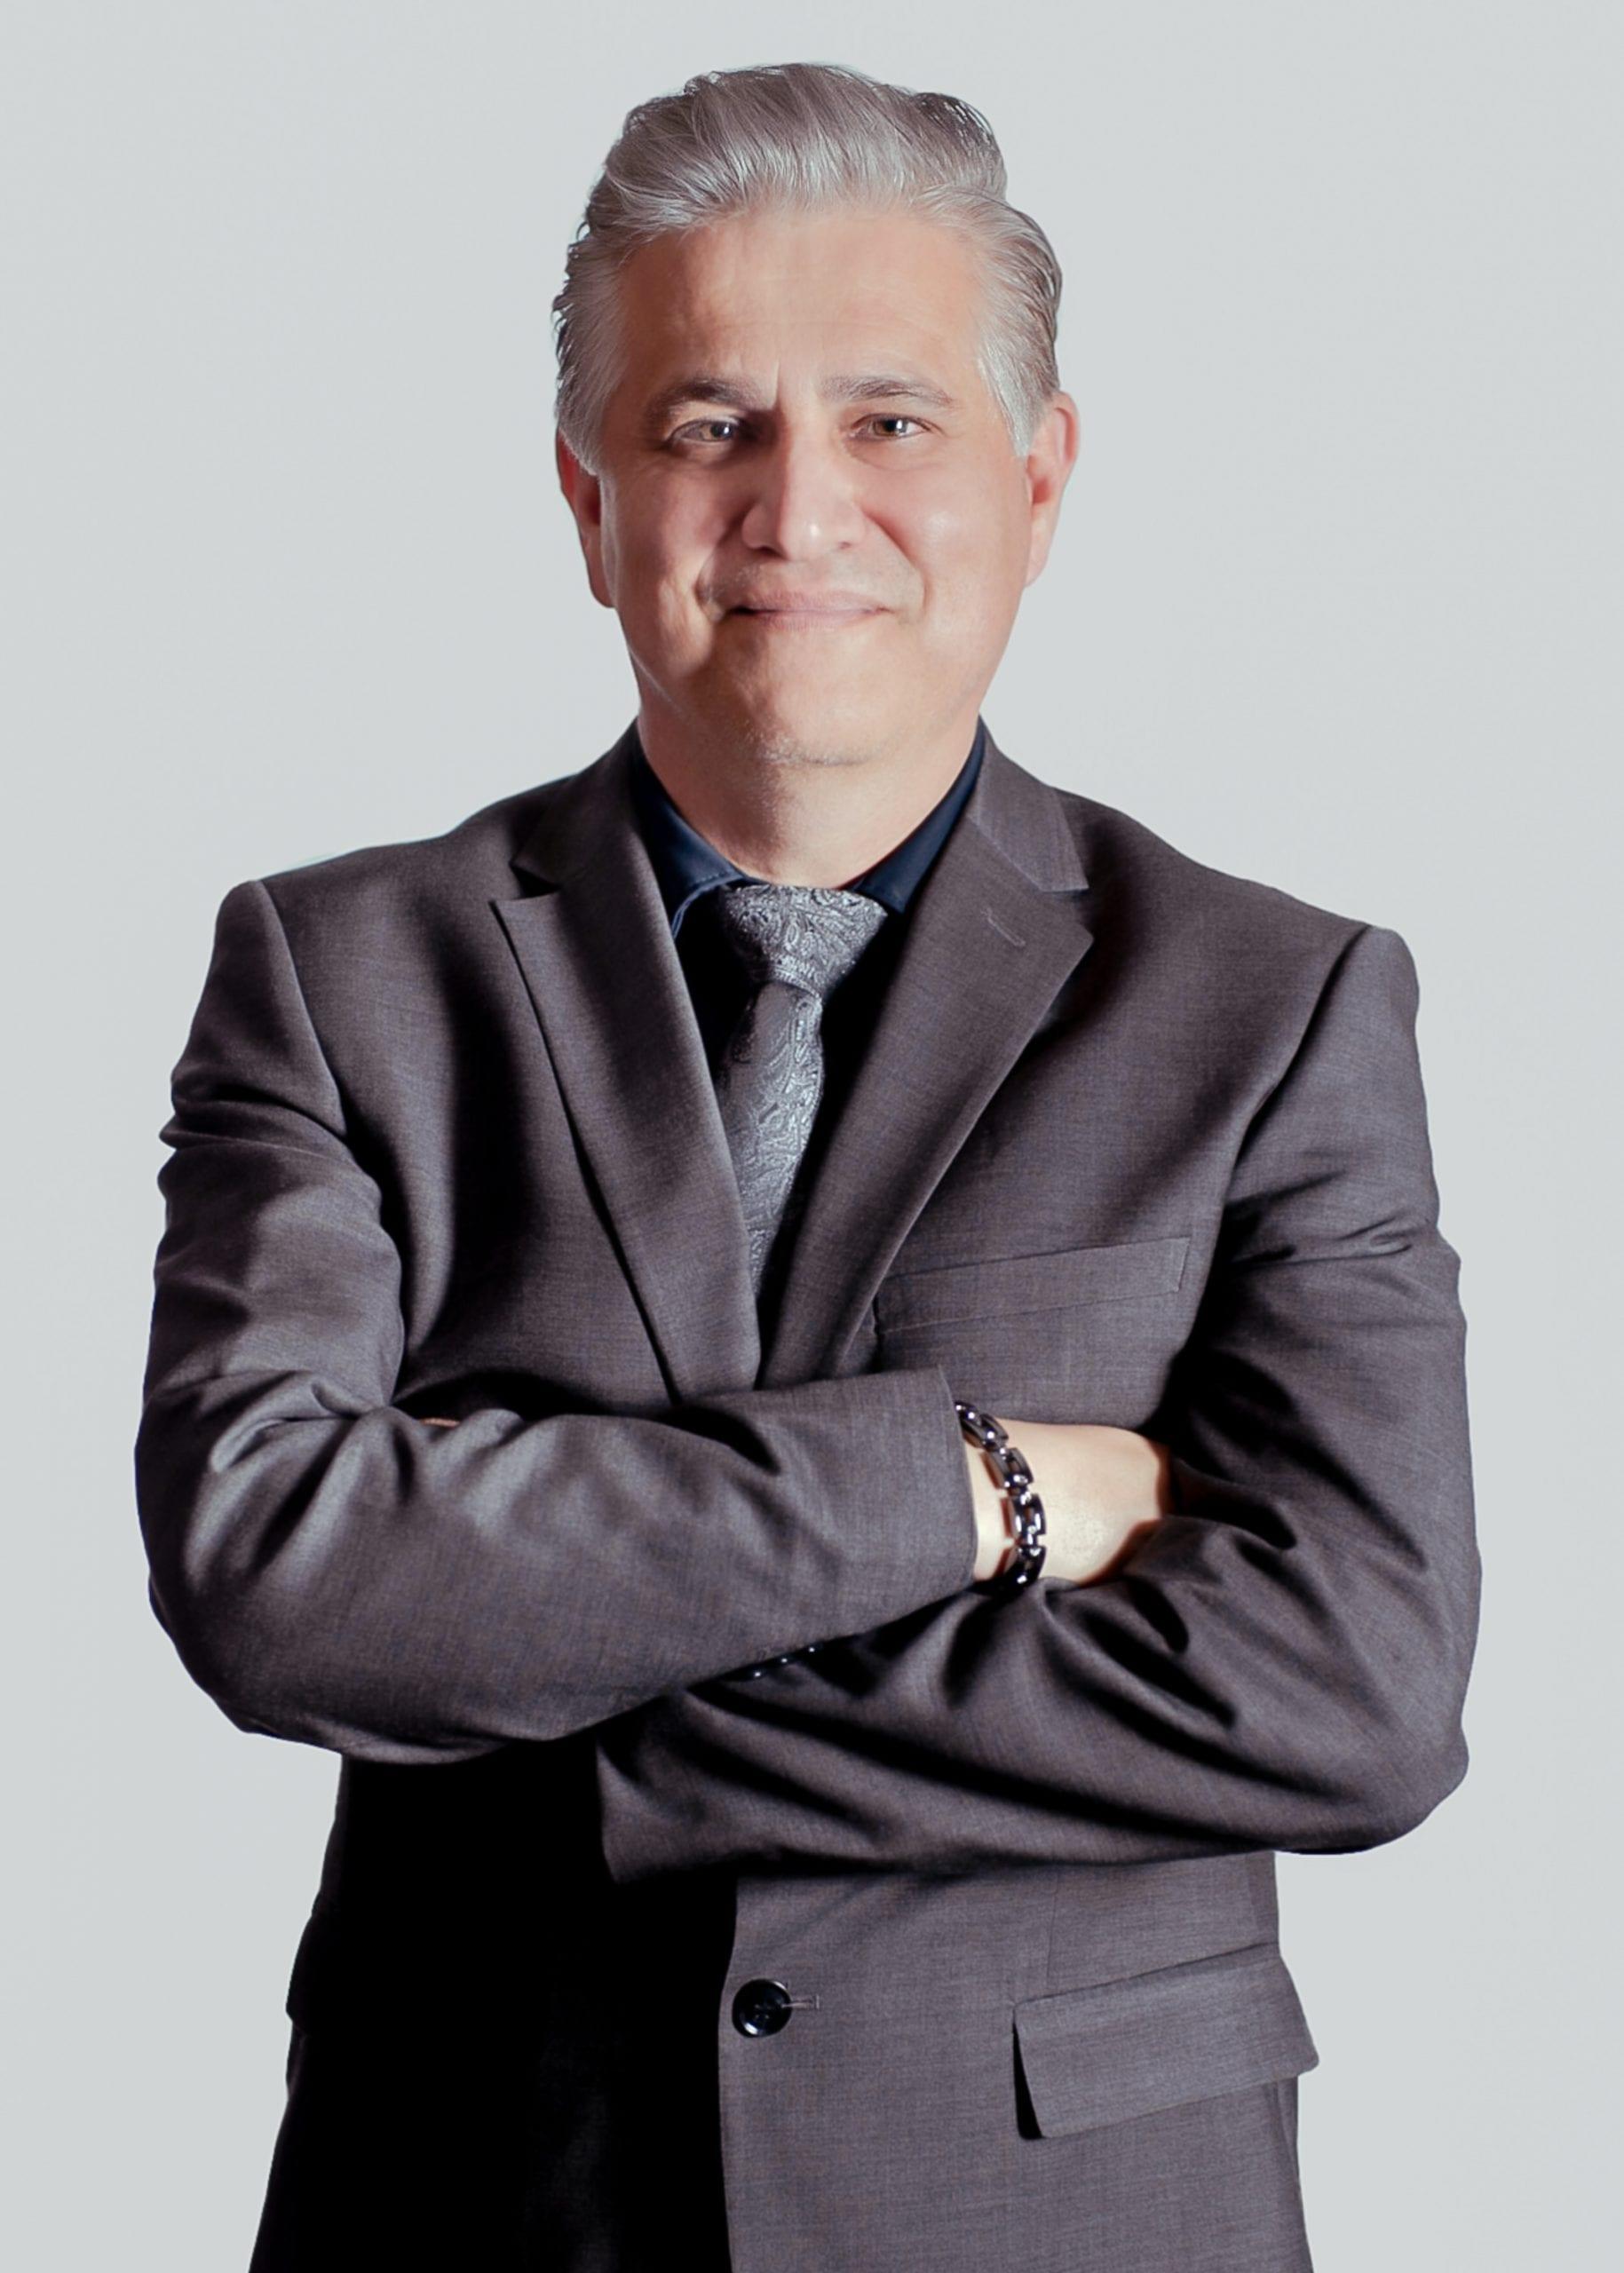 Oscar SanMiguel